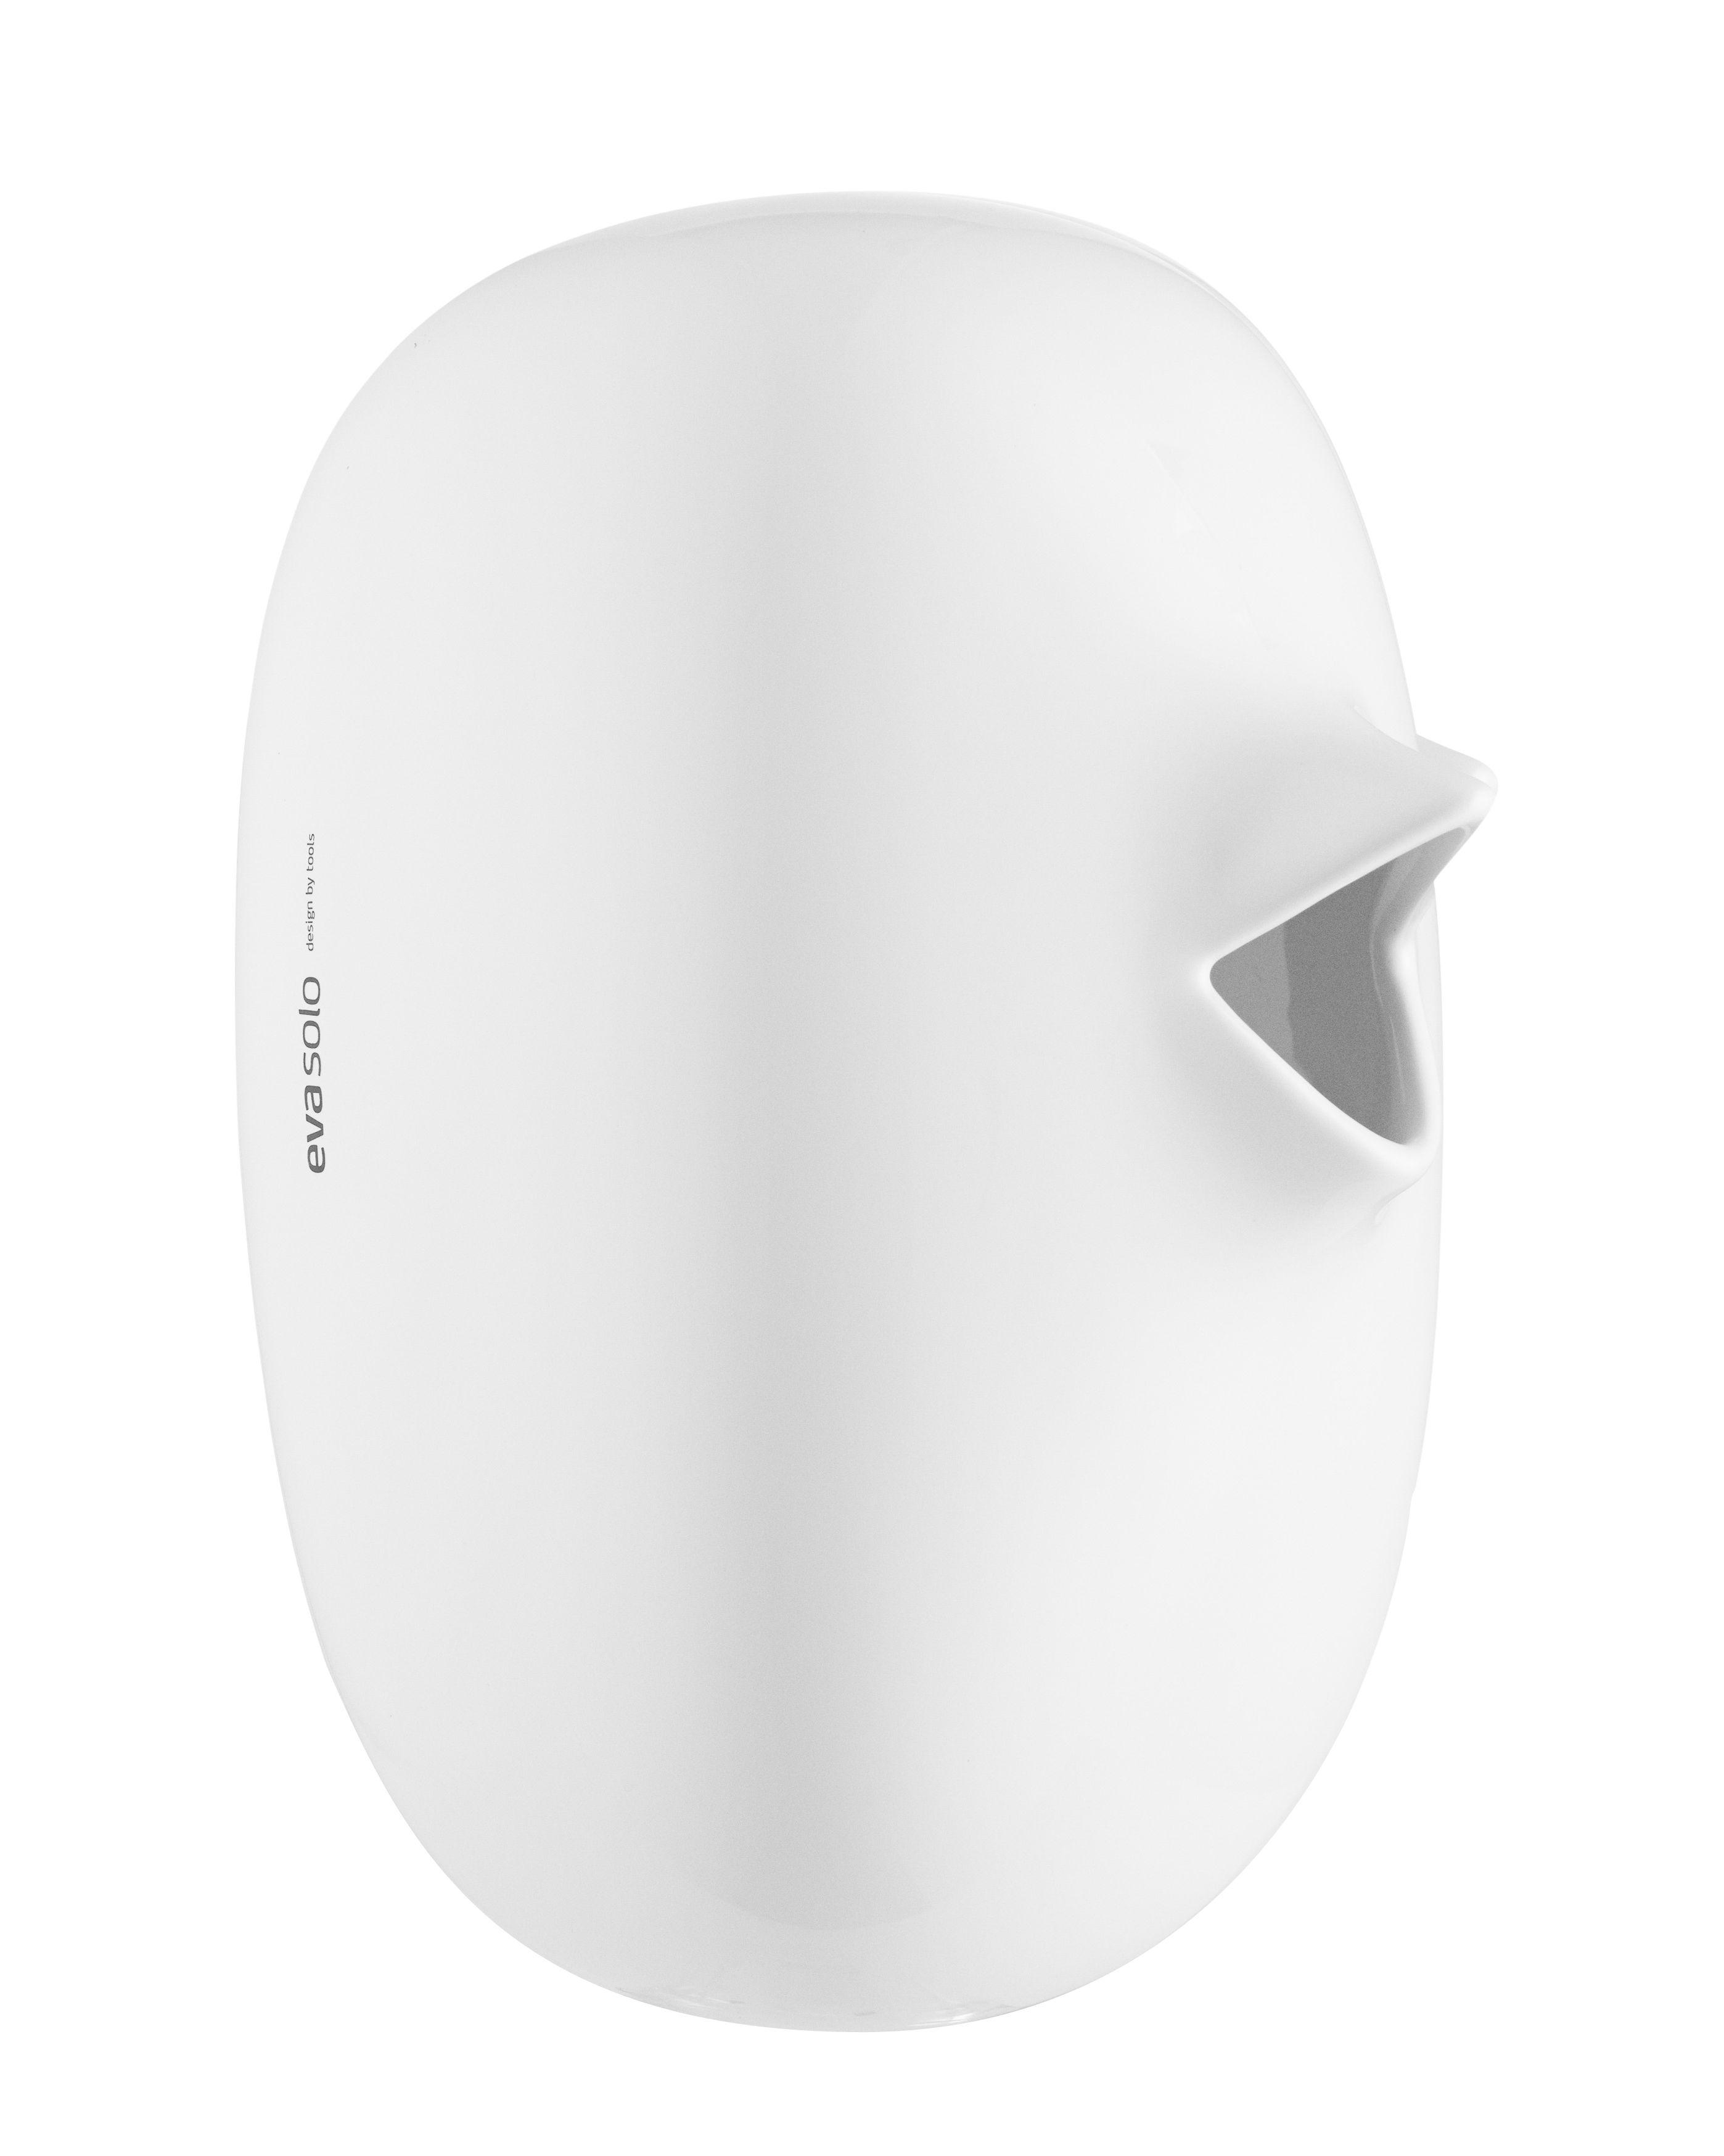 Jardin - Déco et accessoires - Nichoir / H 22 cm - Céramique - Eva Solo - Blanc - Céramique